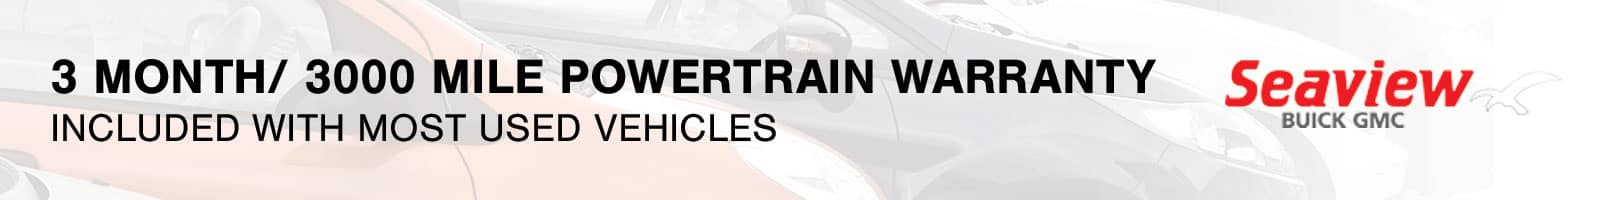 powertrain warranty